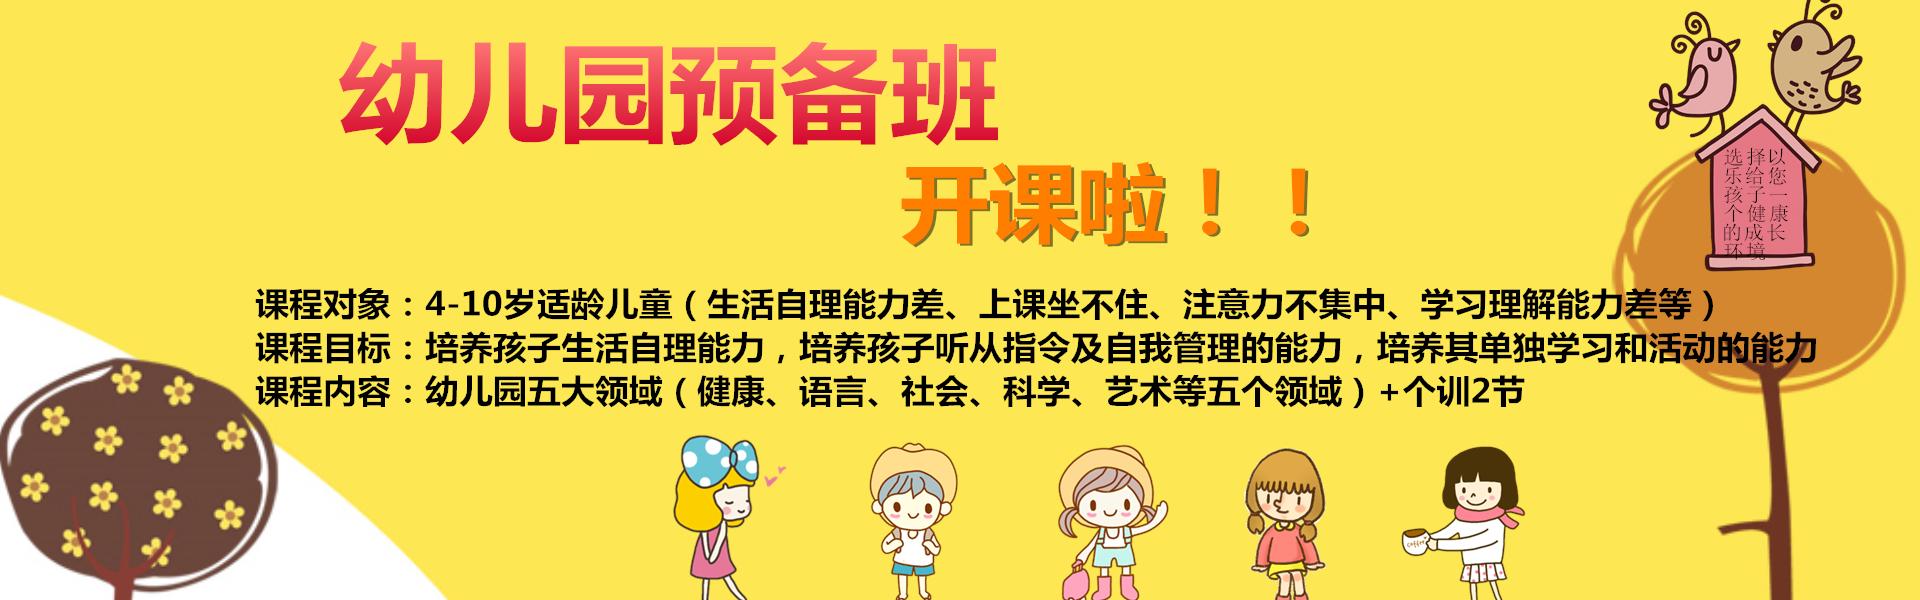 台州自闭症学校就选台州市以乐儿童康复中心